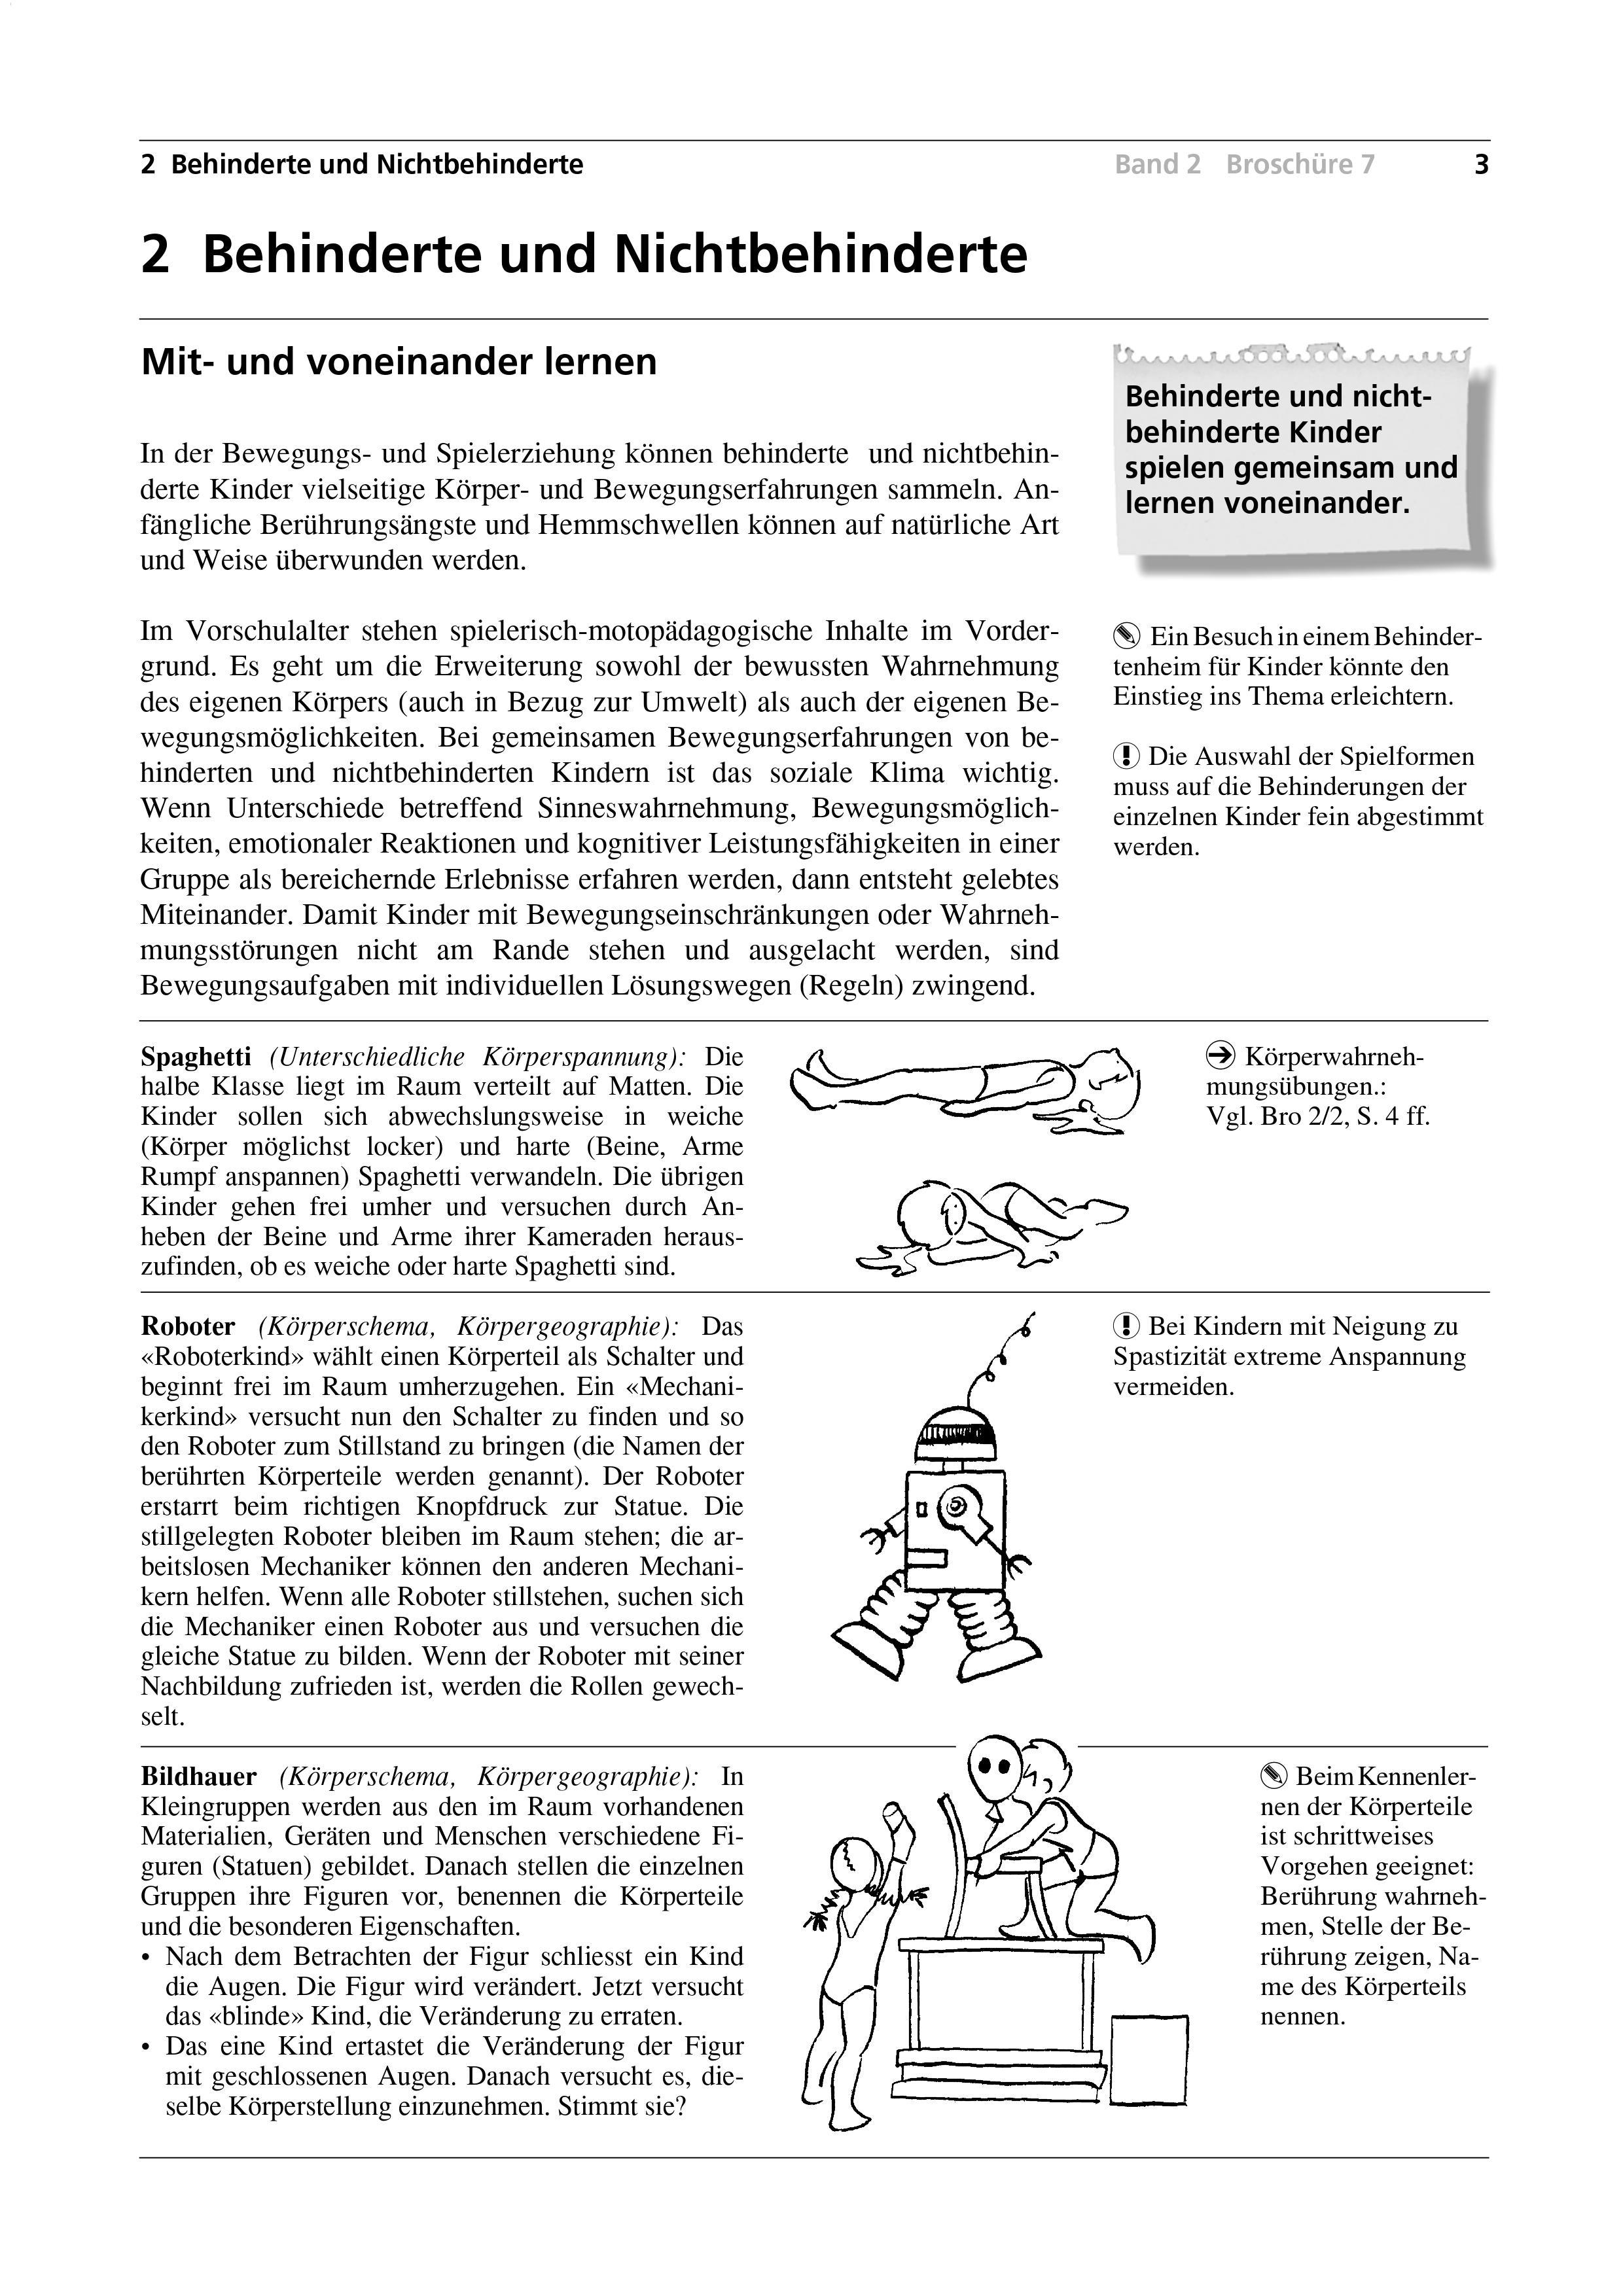 Preview image for LOM object Mit- und voneinander lernen